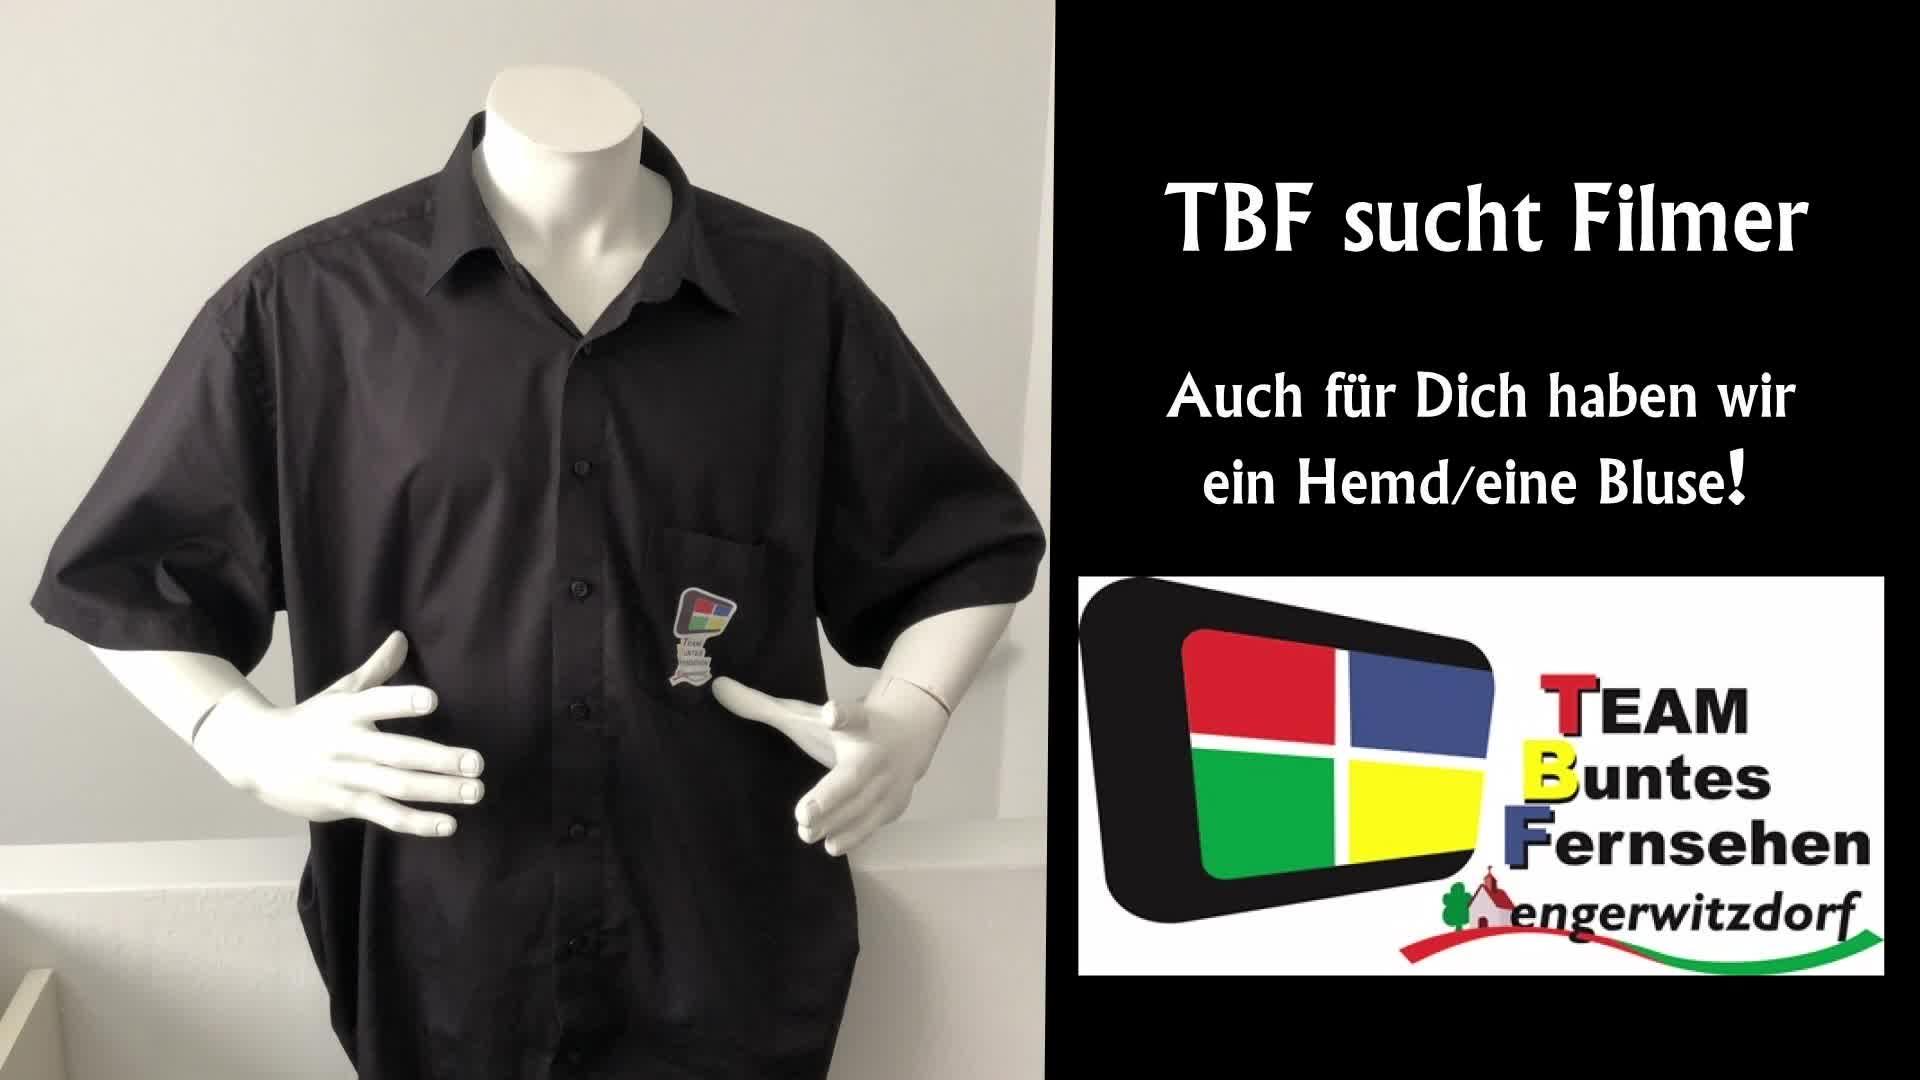 TBF sucht Filmer